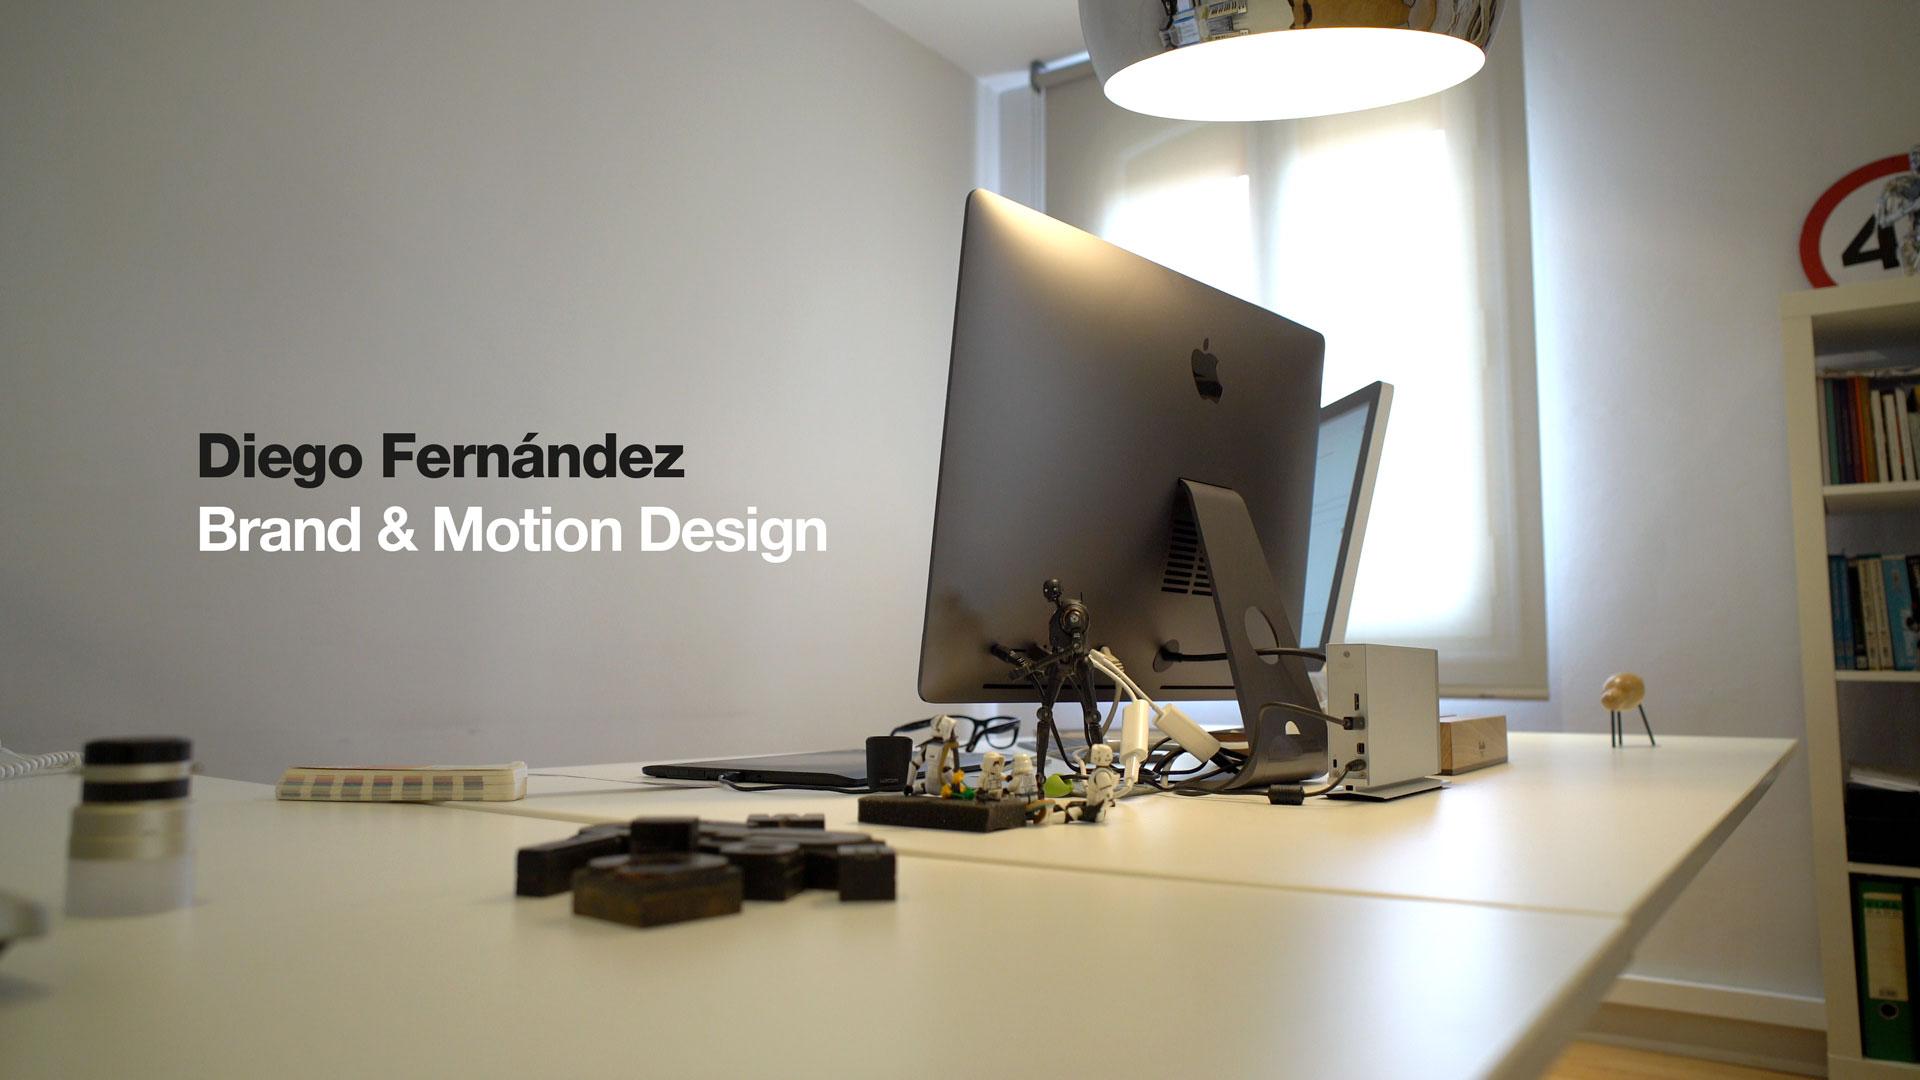 Diego Fernández Brand & Motion Design